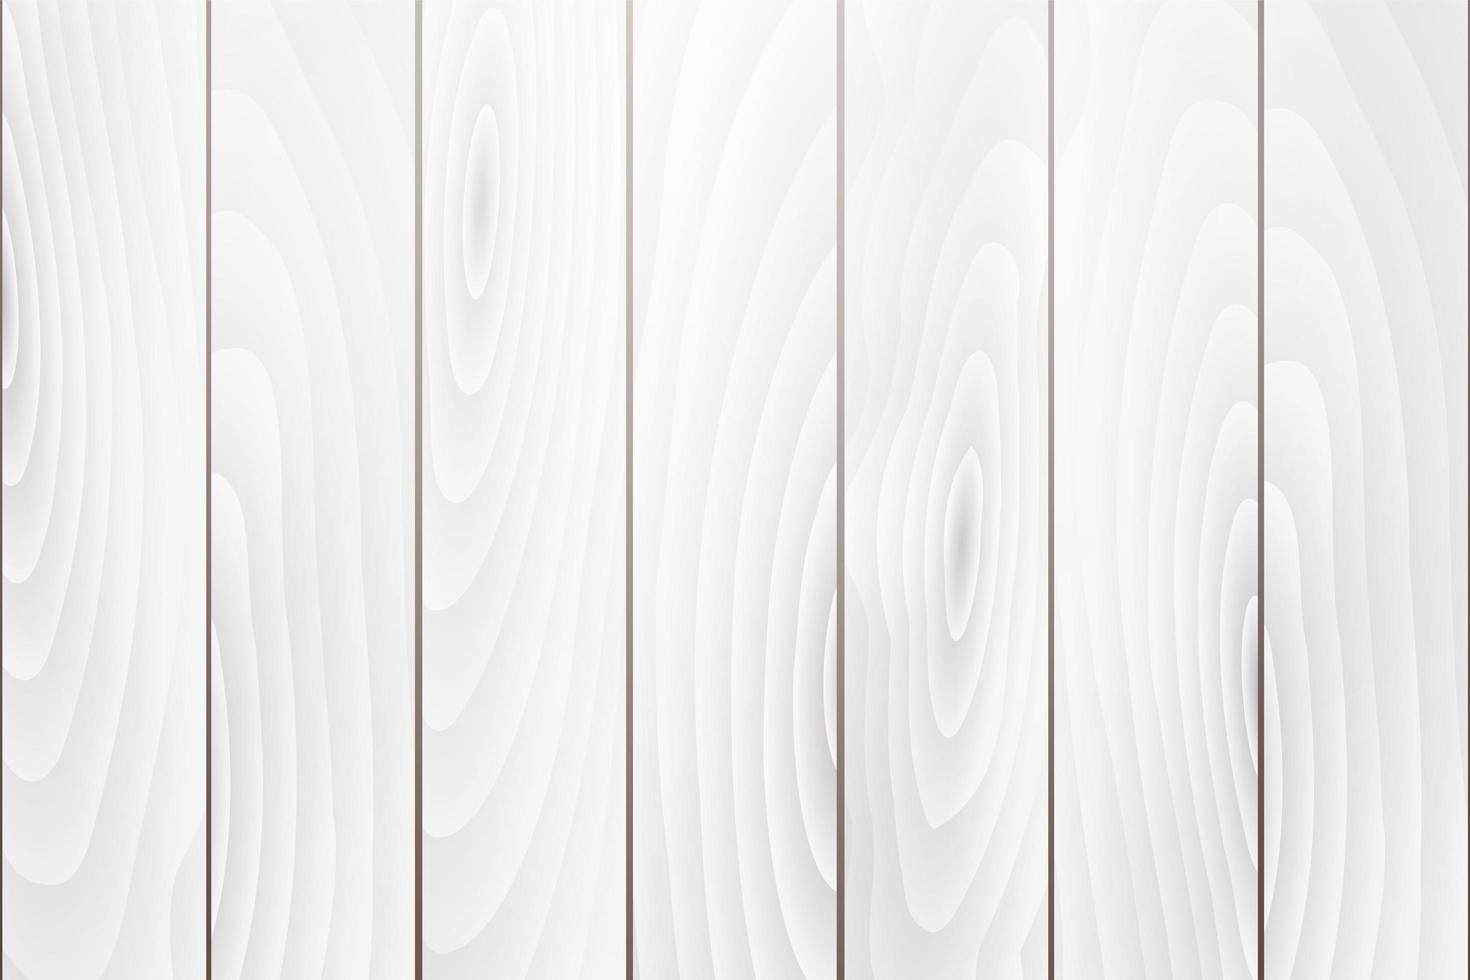 vecchio fondo di struttura di legno bianco vettore